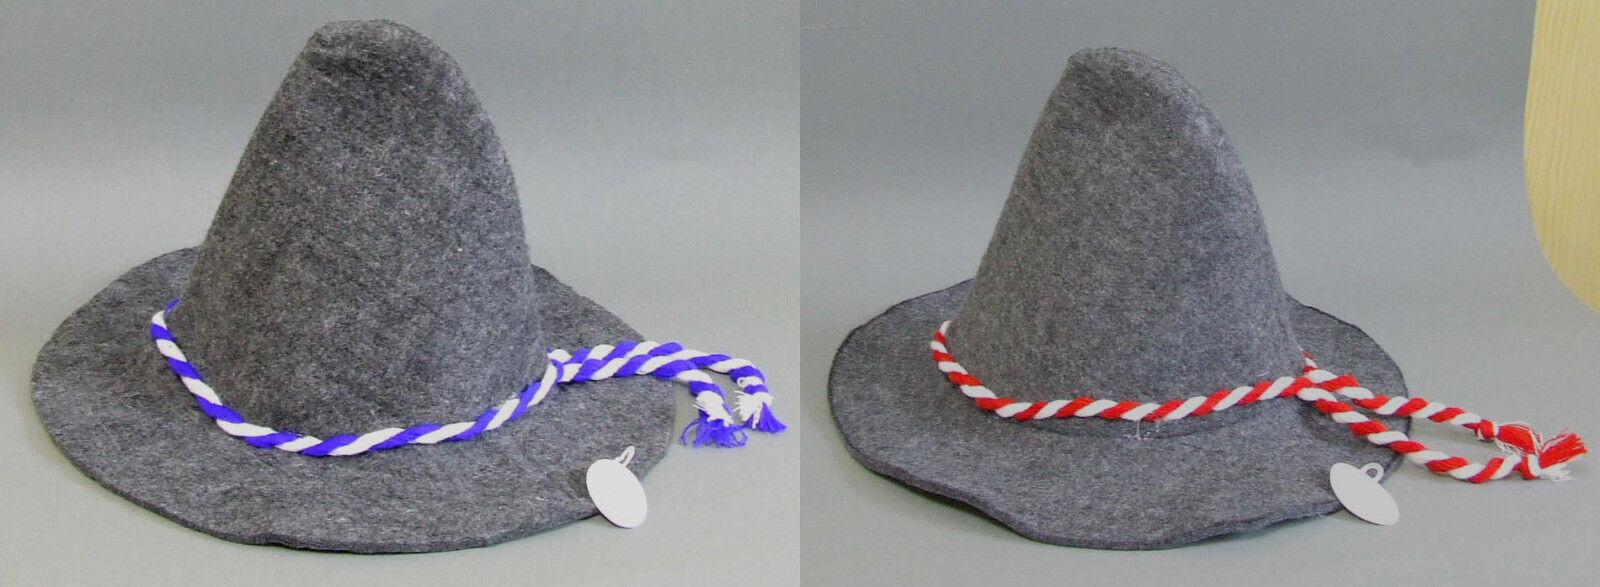 FILZHUT Bayern Seppl Hut Mütze Kordel blau/weiss oder rot/weiss NEU